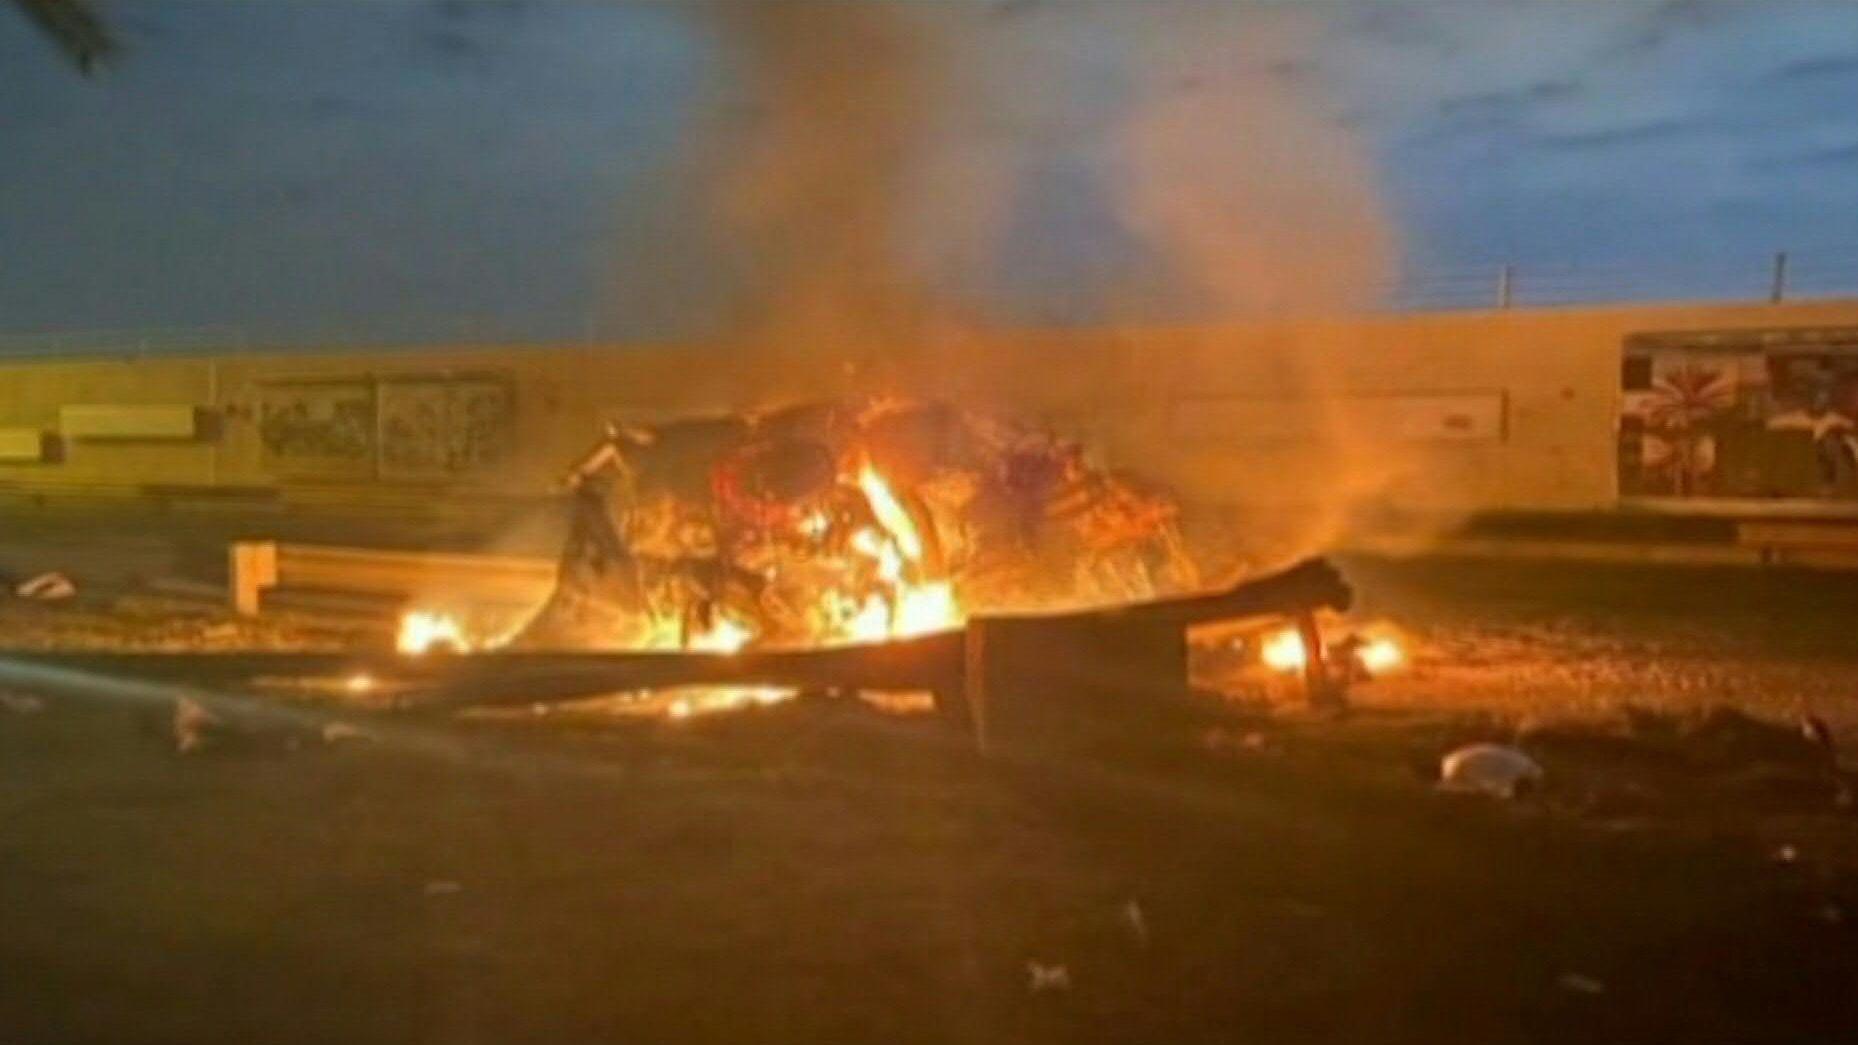 Un líder proiraní en Irak -el número dos de las Fuerzas de Movilización Popular o Hashd al Shaabi- y el enviado de Teherán para los asuntos iraquíes, el poderoso general Qasem Soleimani, murieron el viernes en un bombardeo estadounidense en Bagdad tres días después de un ataque a la embajada de Estados Unidos.